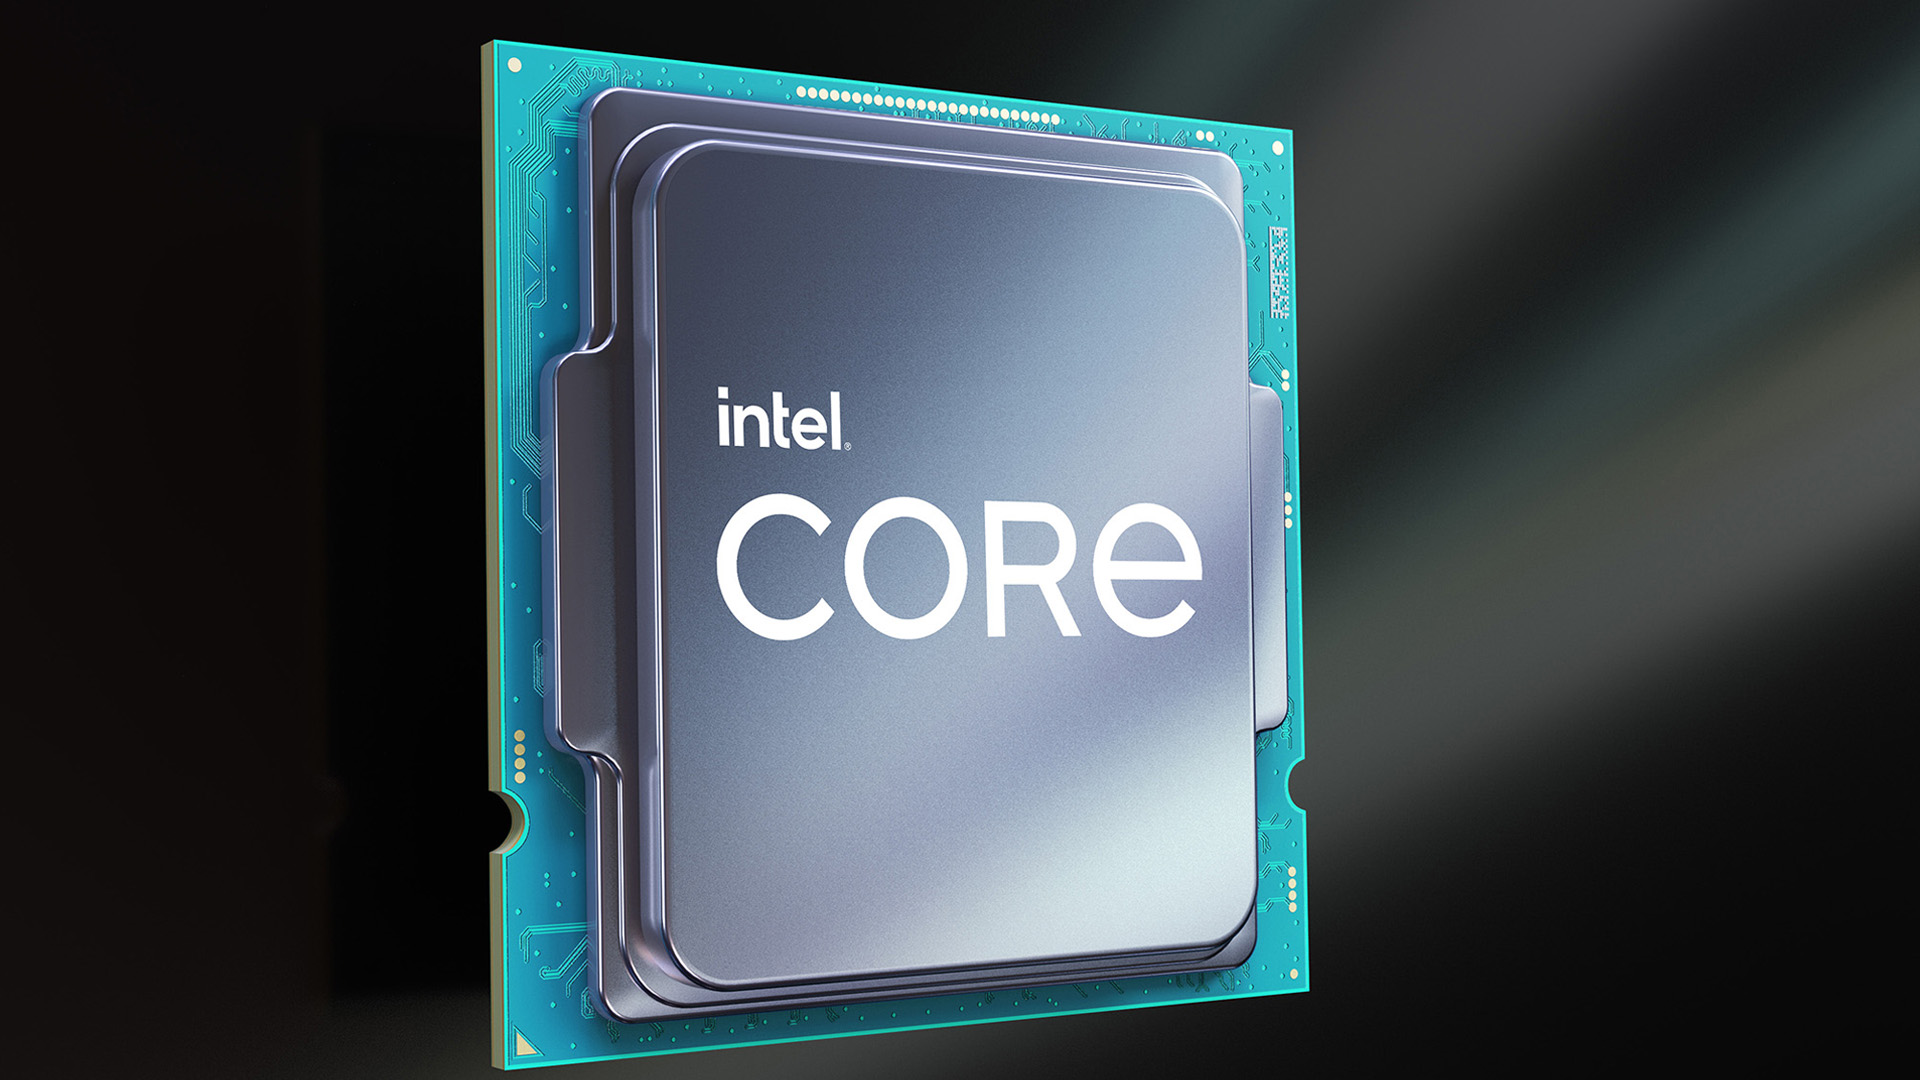 Intel Core Rocket Lake-S